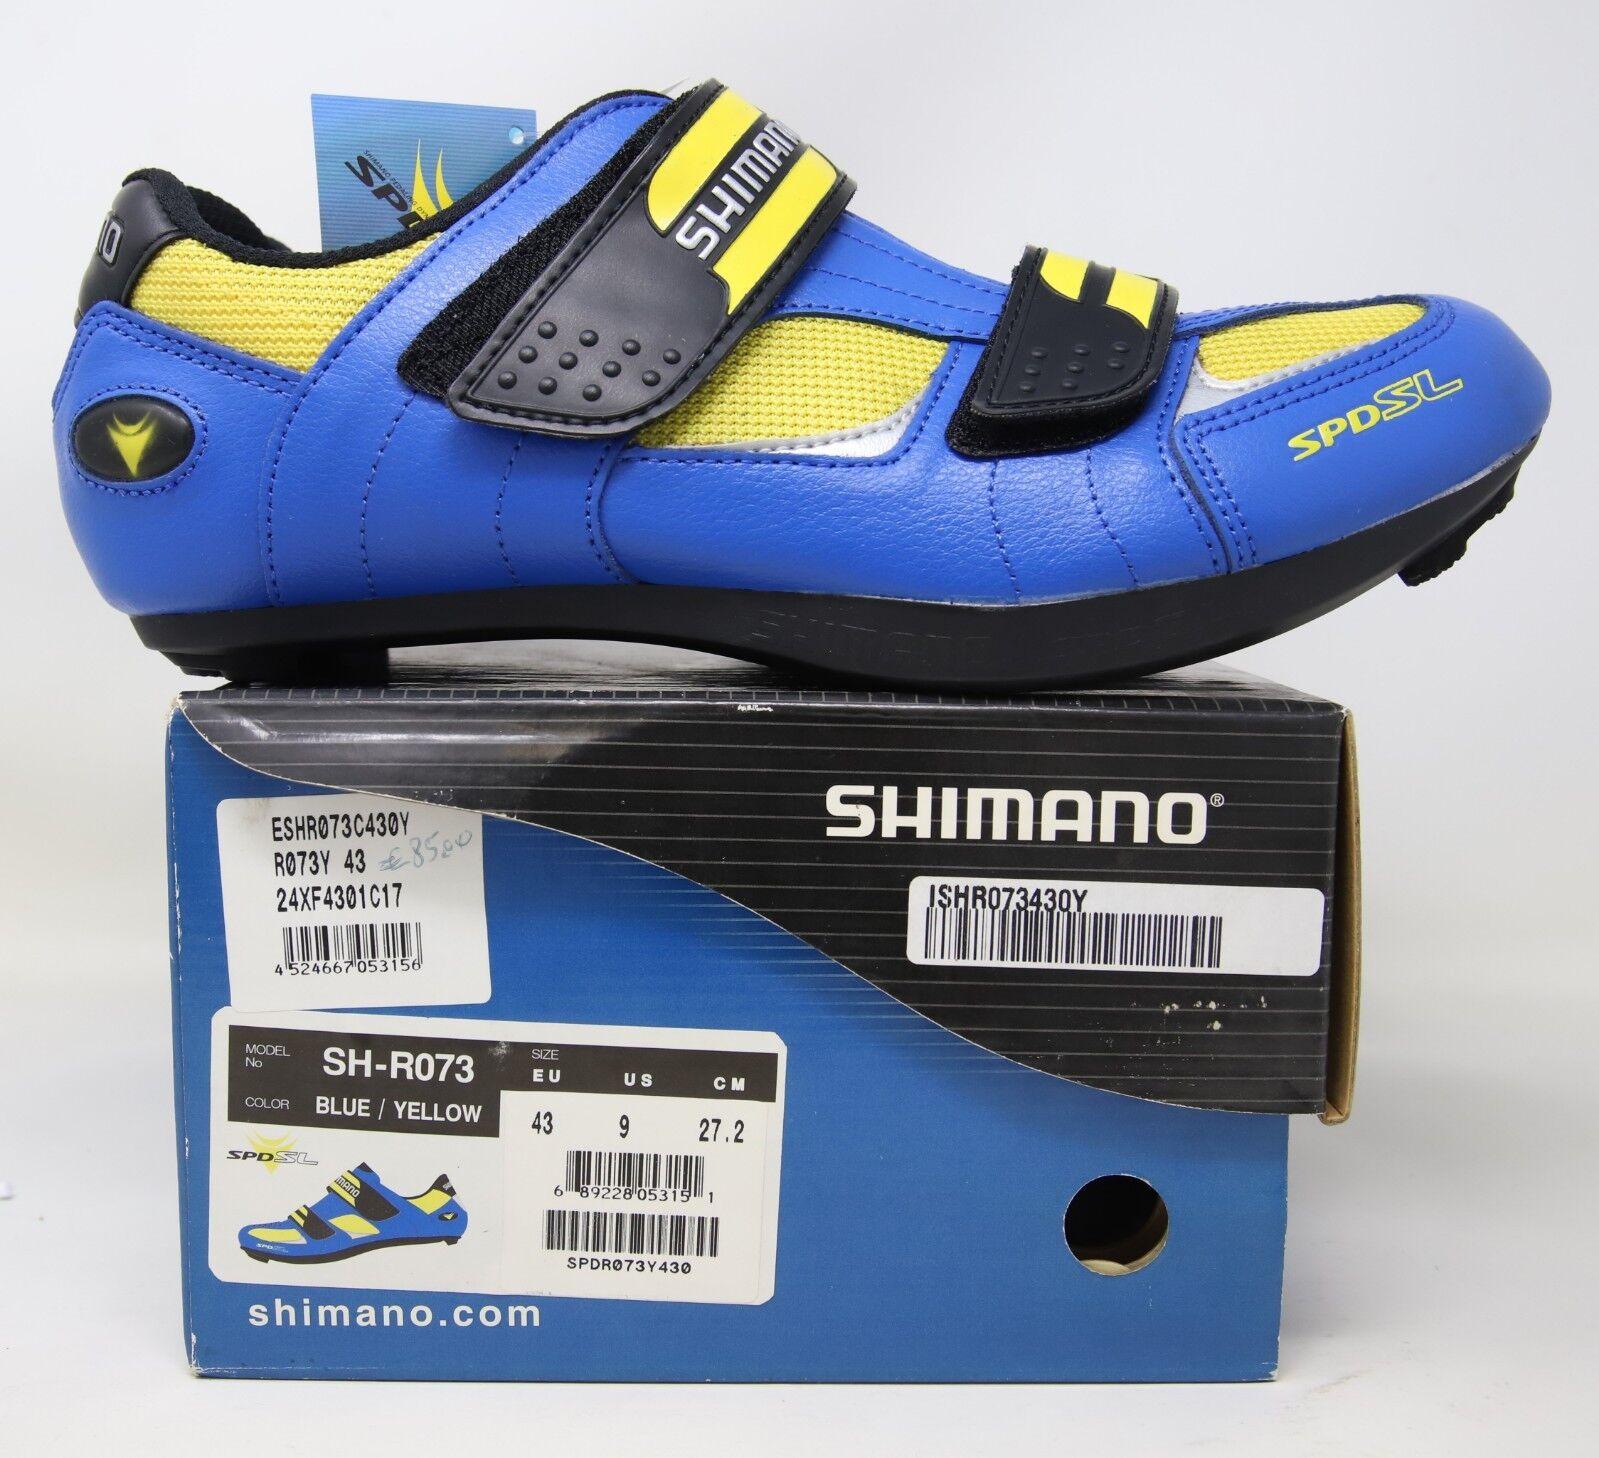 NOS SHIMANO SPD-SL CYCLING SHOES SH-R073 SIZE 43 US NIB